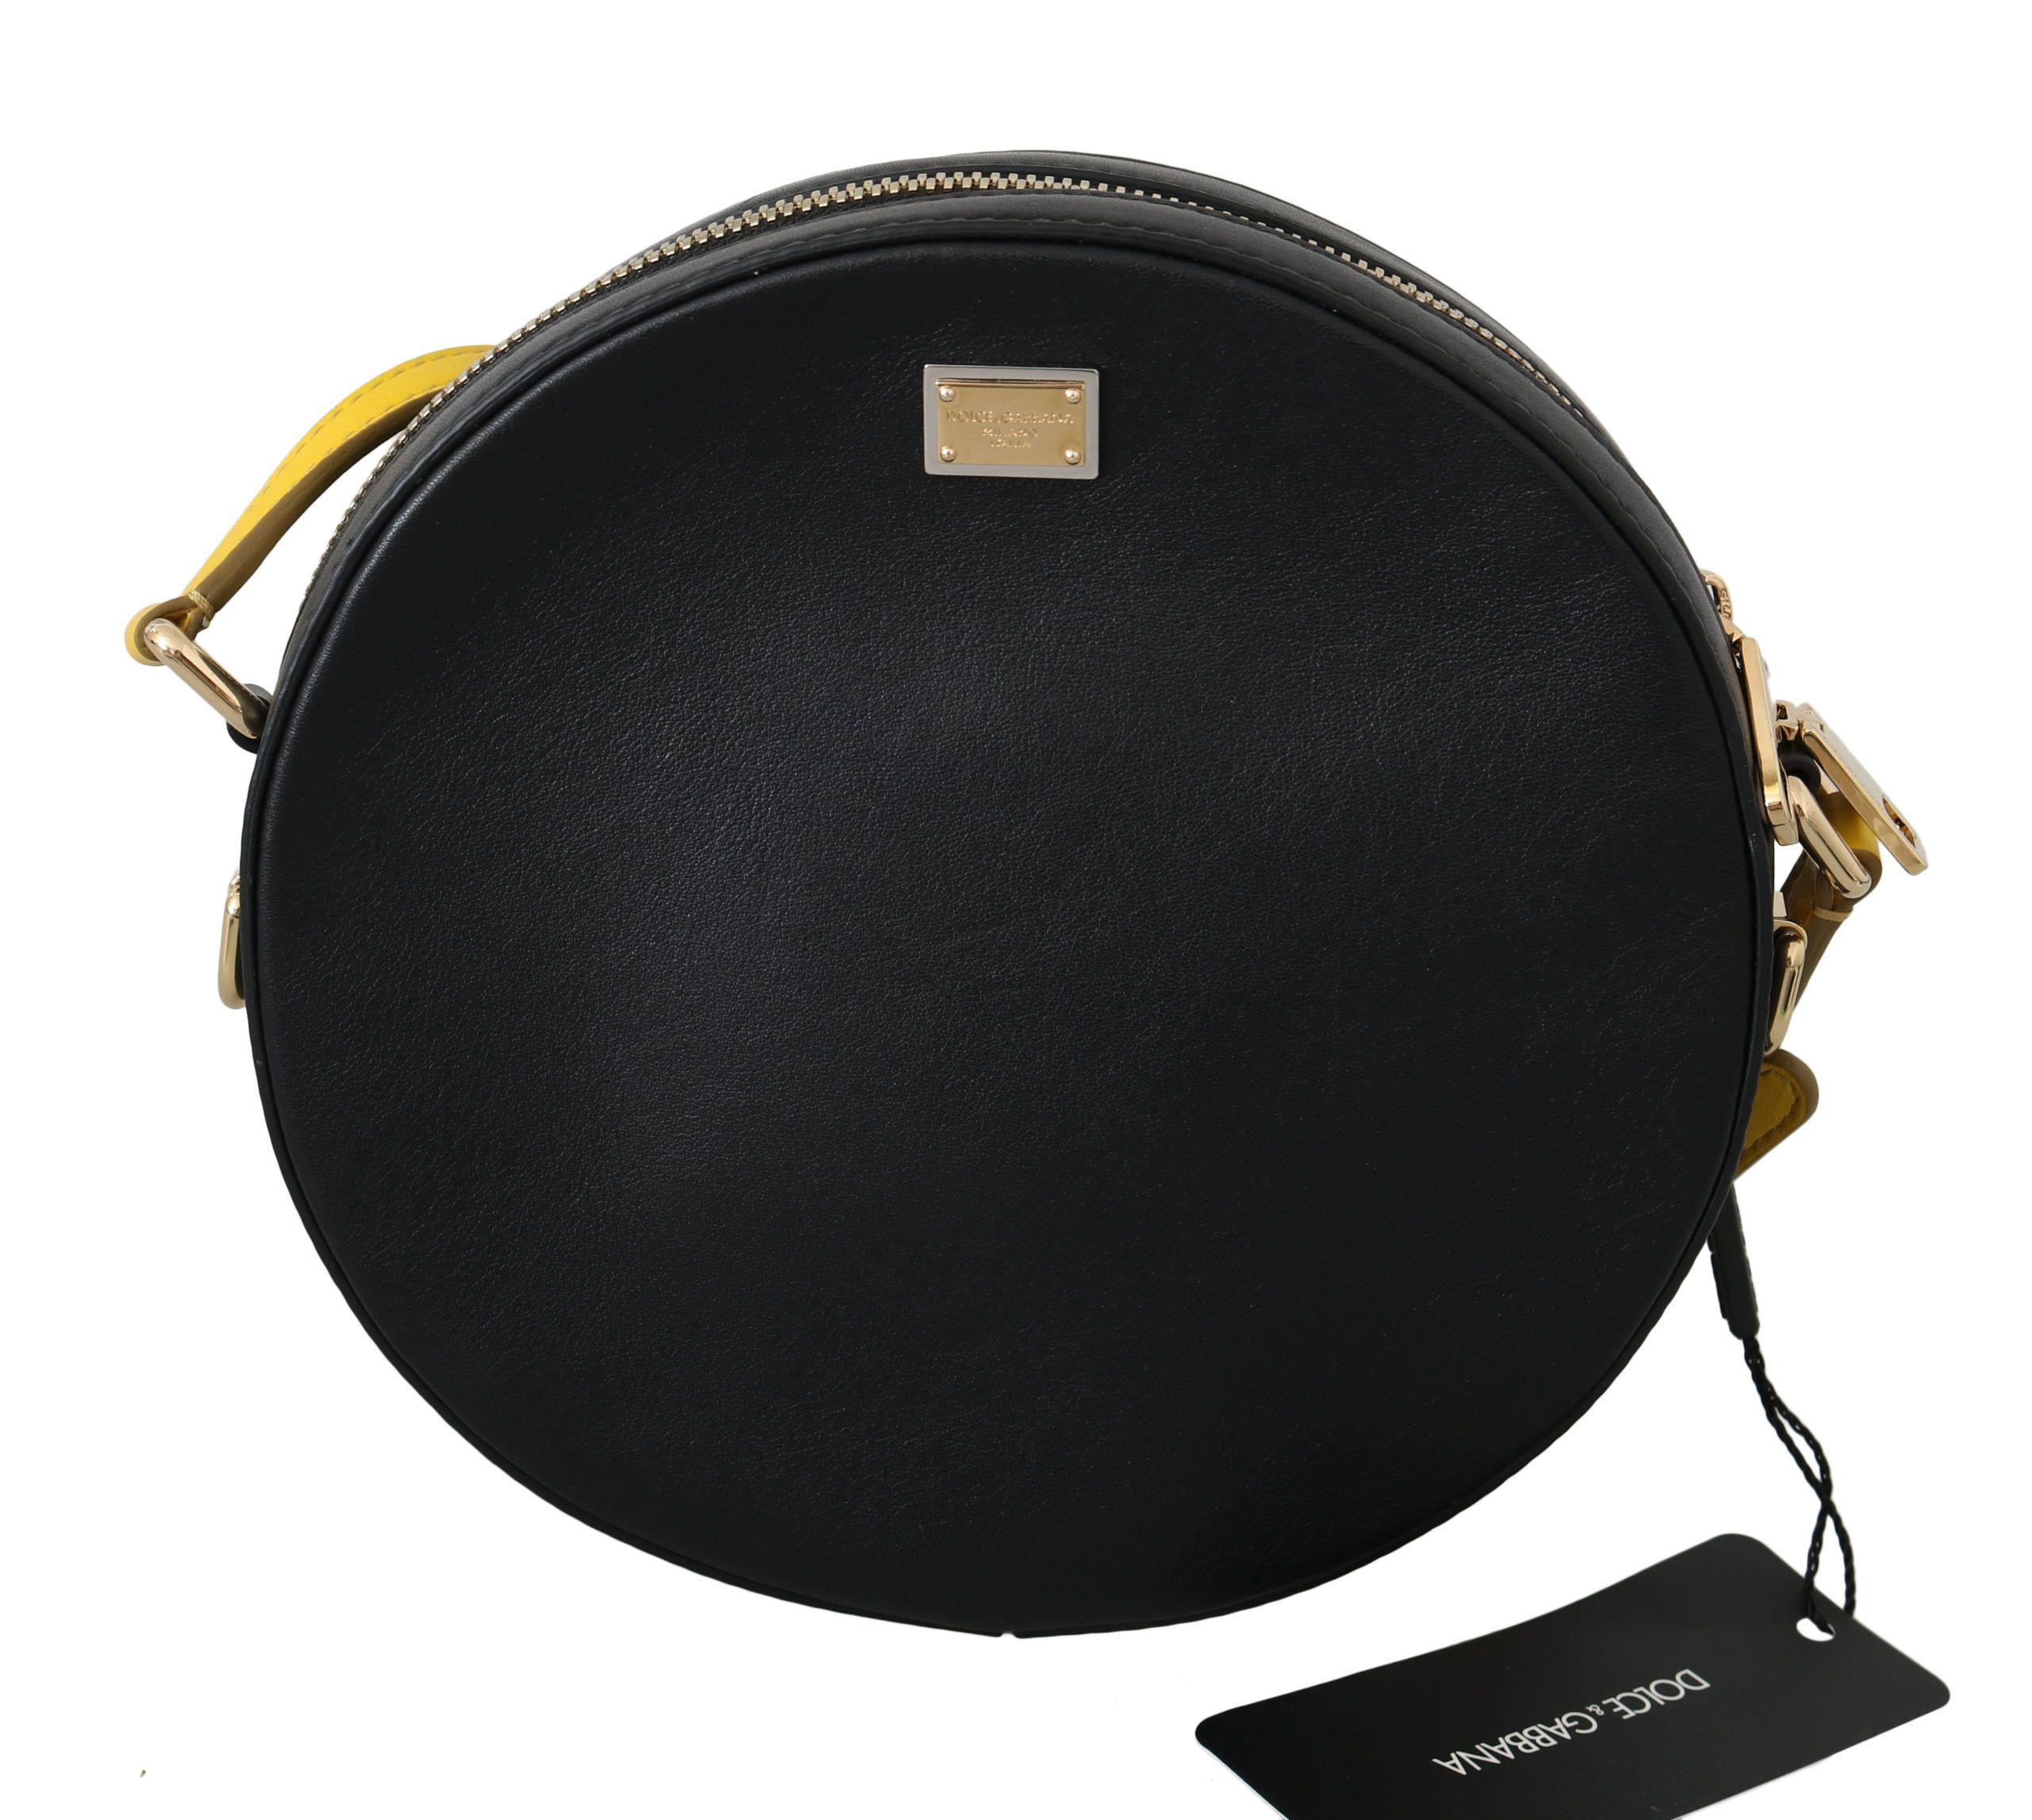 Dolce & Gabbana Green Taormina Lace Clutch Borse Bag Purse